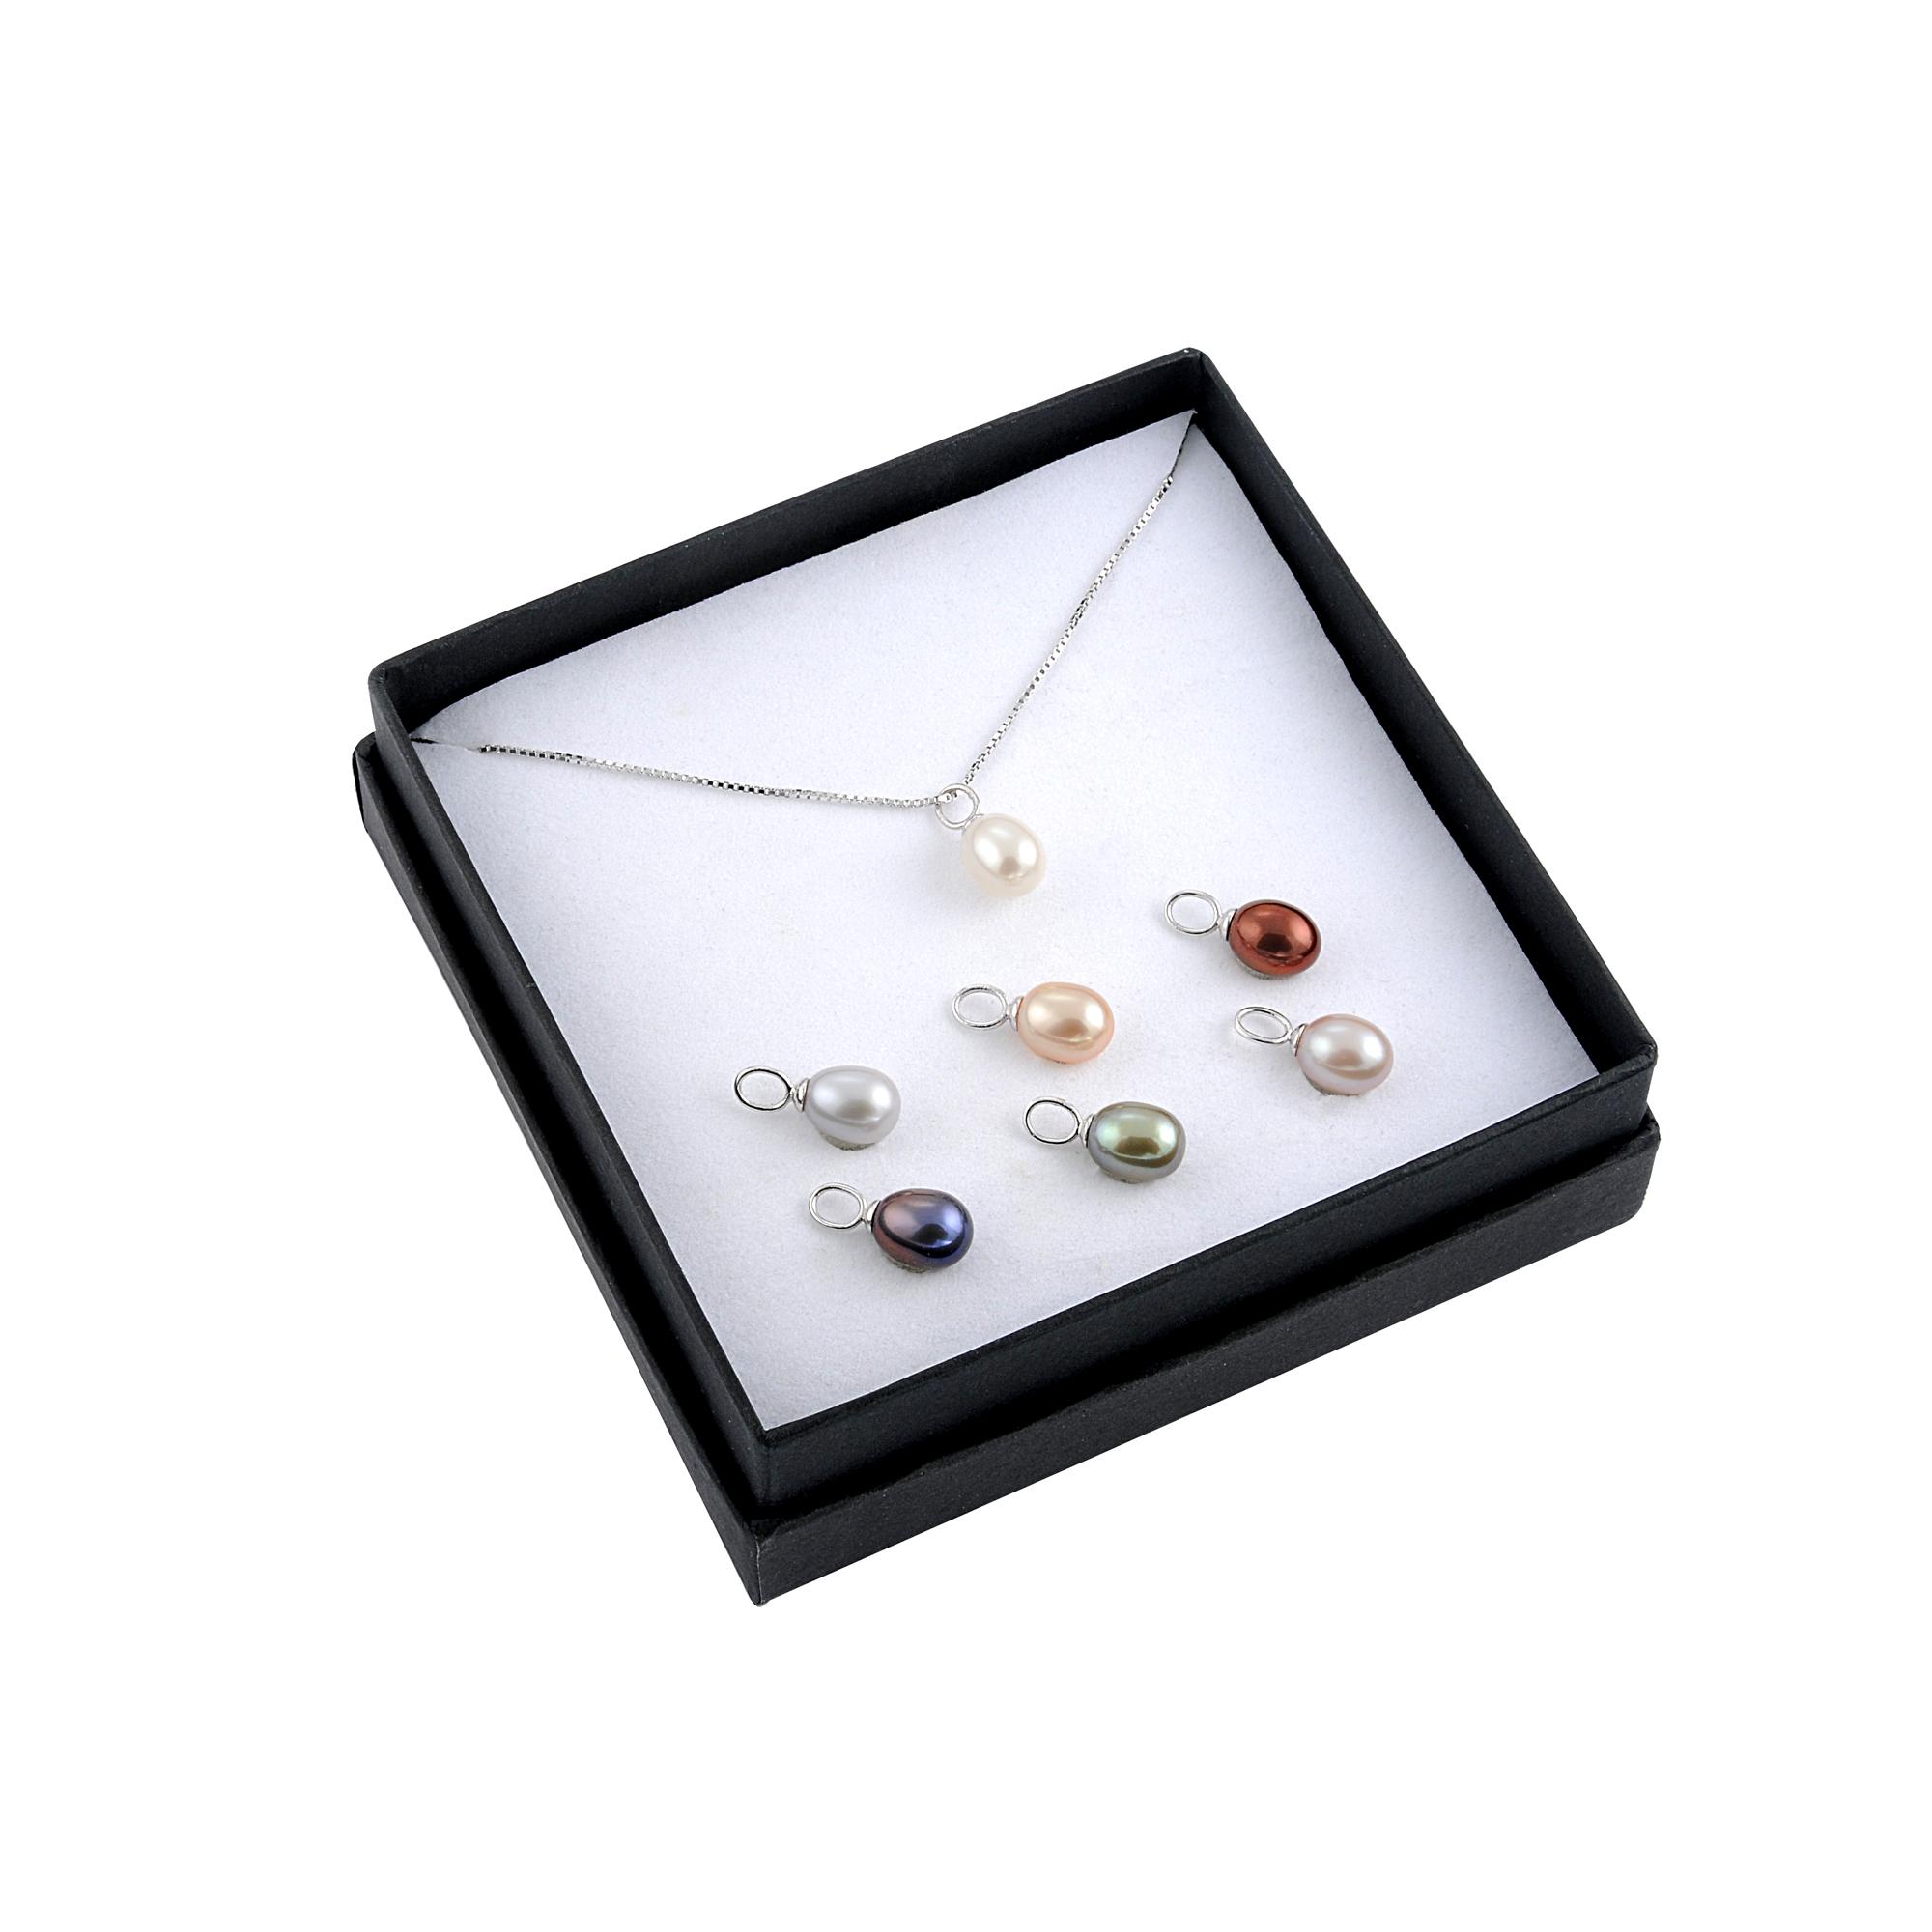 Pendentif en argent avec Perles d`Eau Douce assorties (8mm) - chaîne de 18 pouces incluse